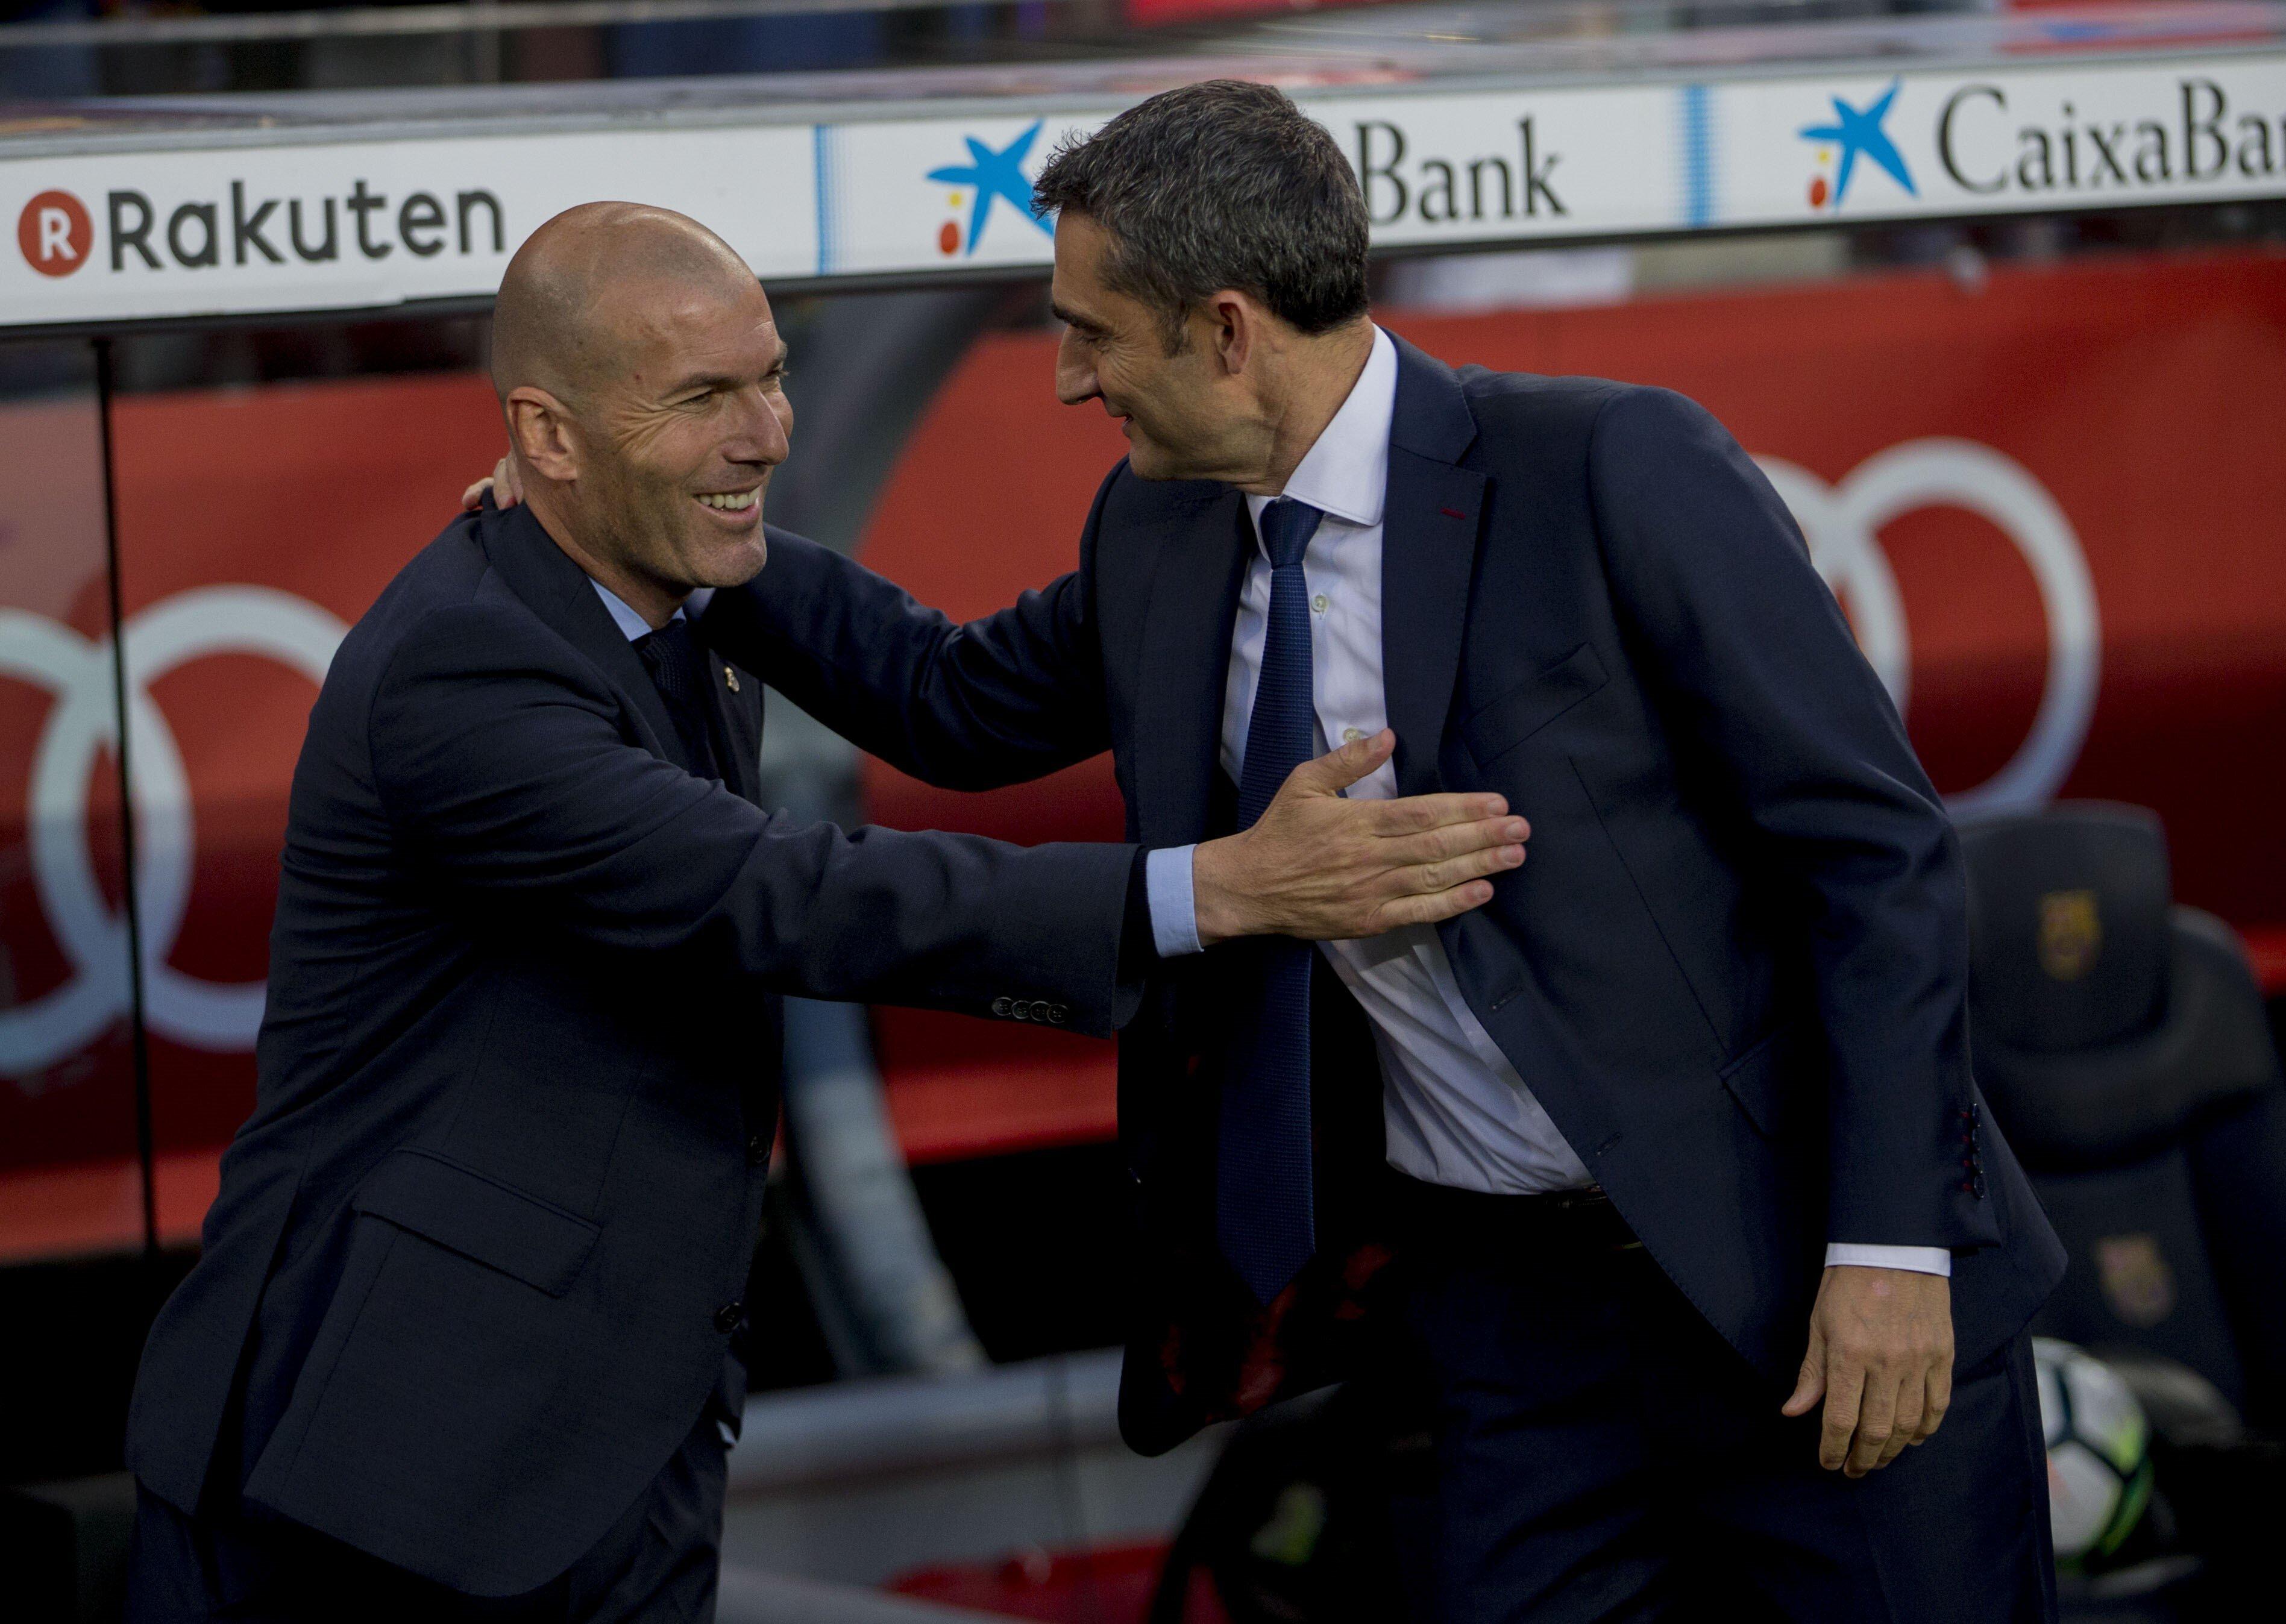 Espagne: Zidane prend la défense de Valverde, fragilisé au